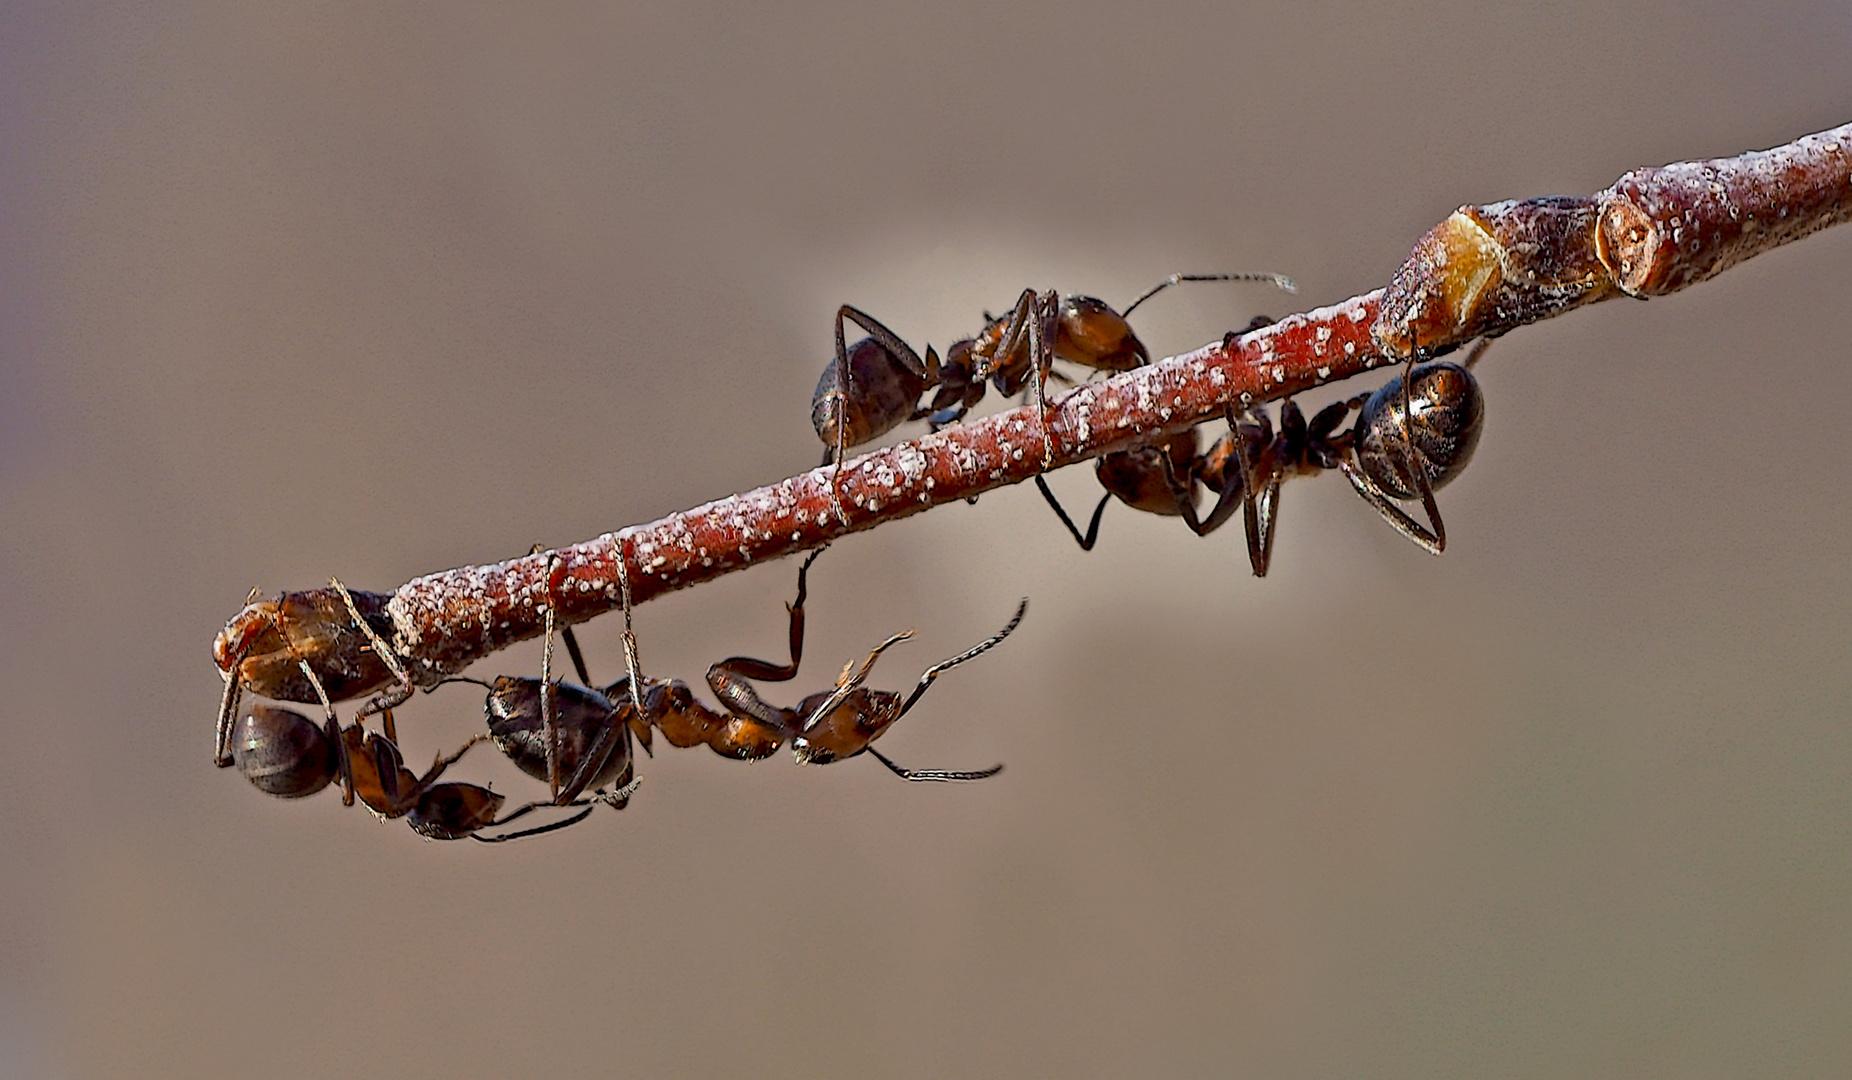 Ameisen finden etwas Leckeres! - Les fourmis trouvent un breuvage délicieux!